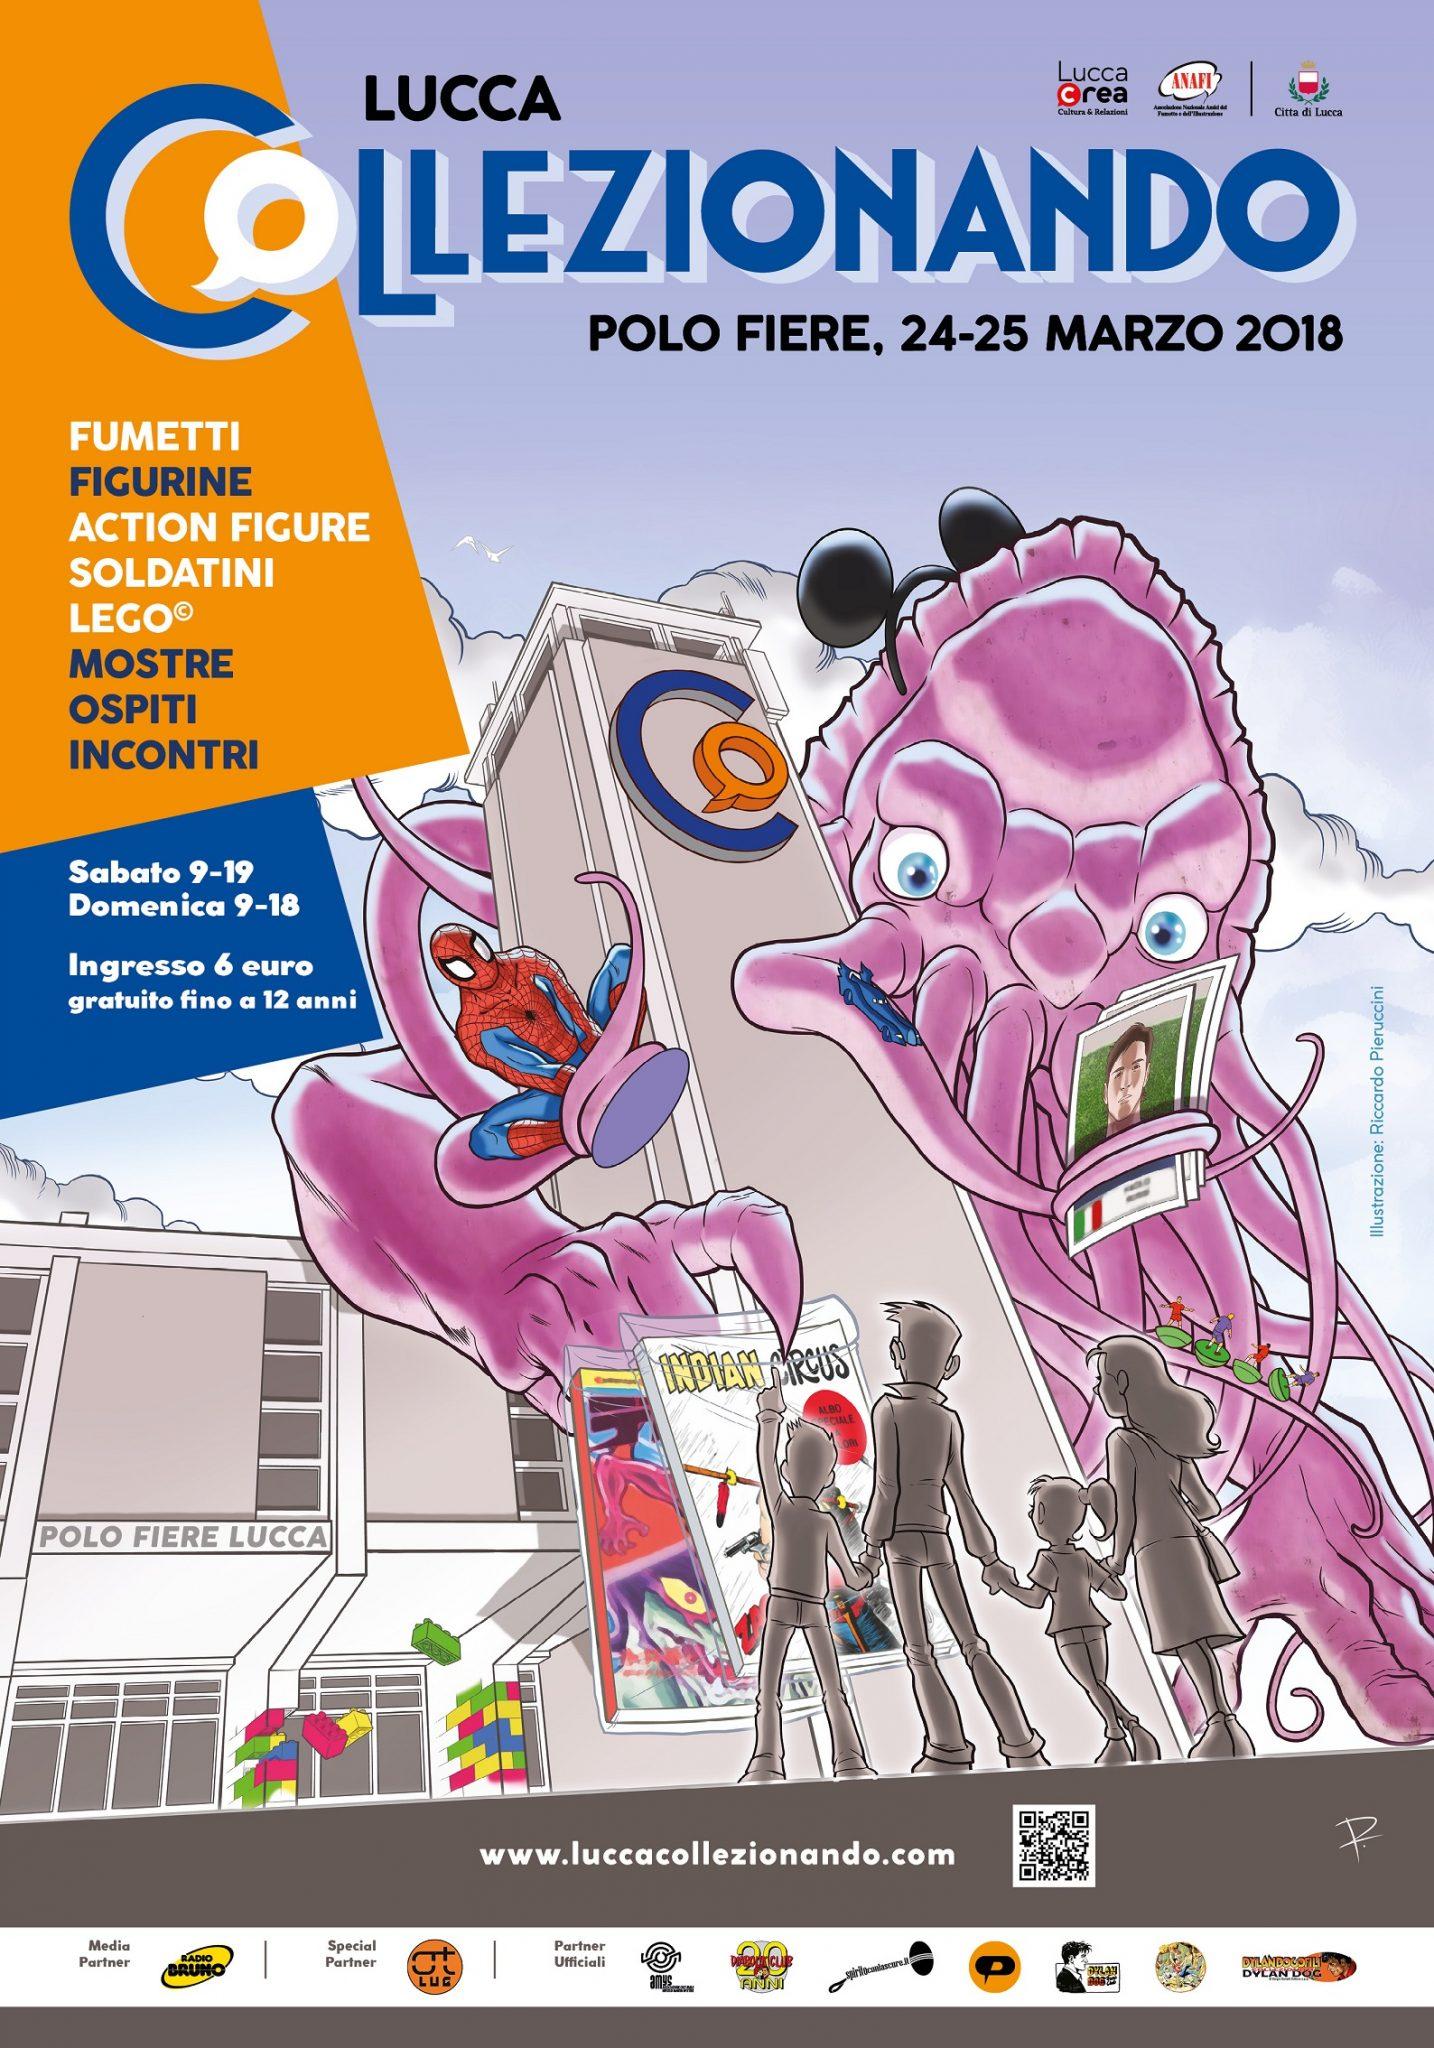 Collezionando 2018: la terza edizione dell'altra fiera del fumetto di Lucca